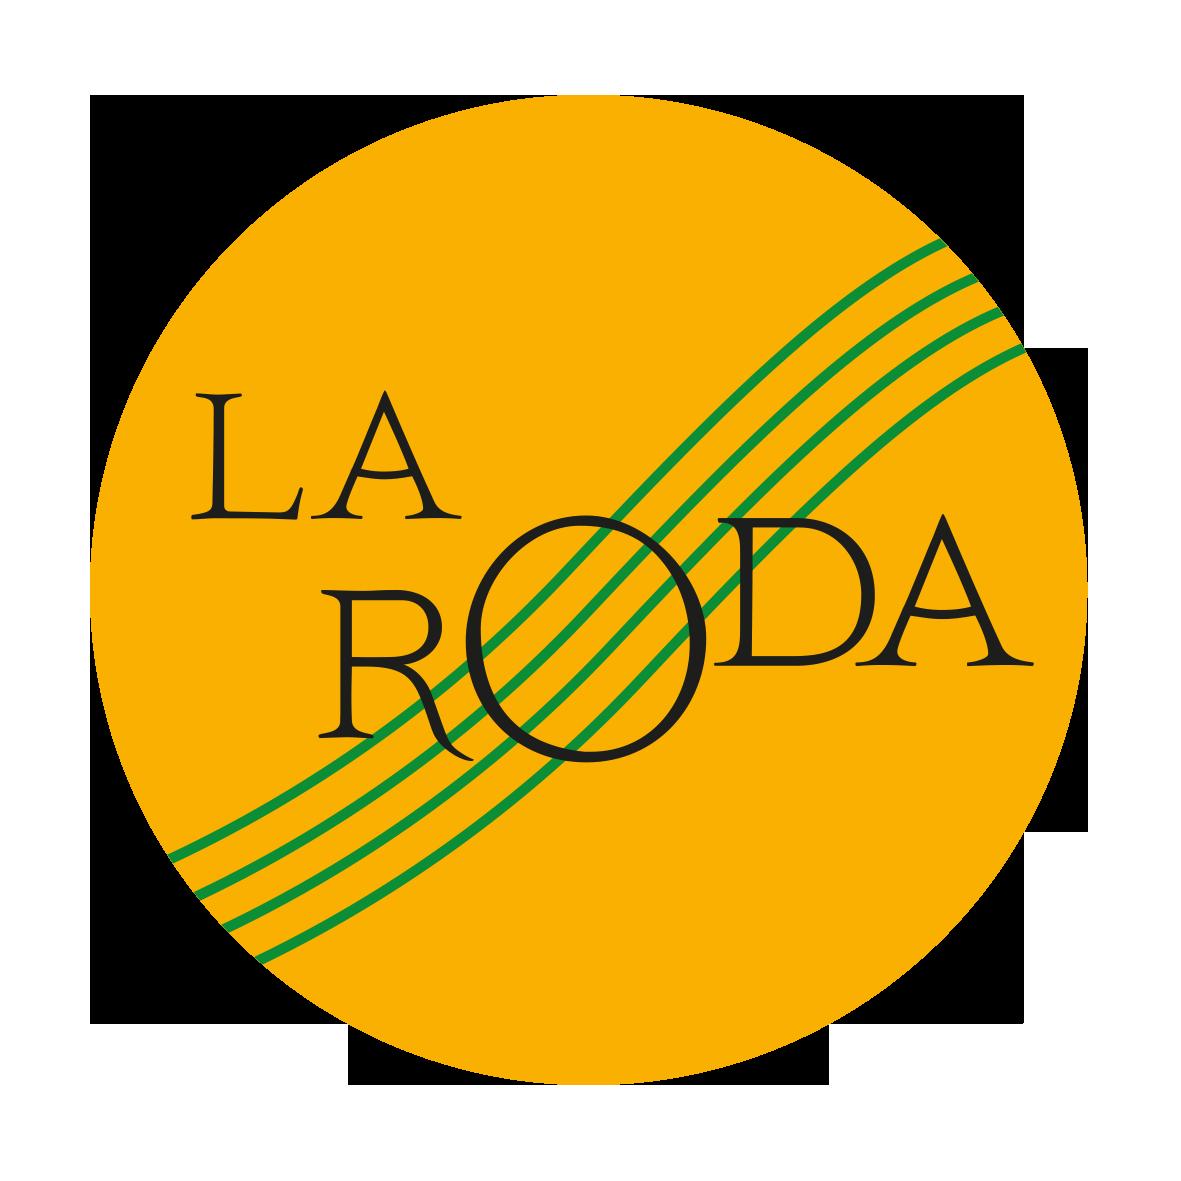 Cette année la Roda fête ses 10 ans. ©La Roda